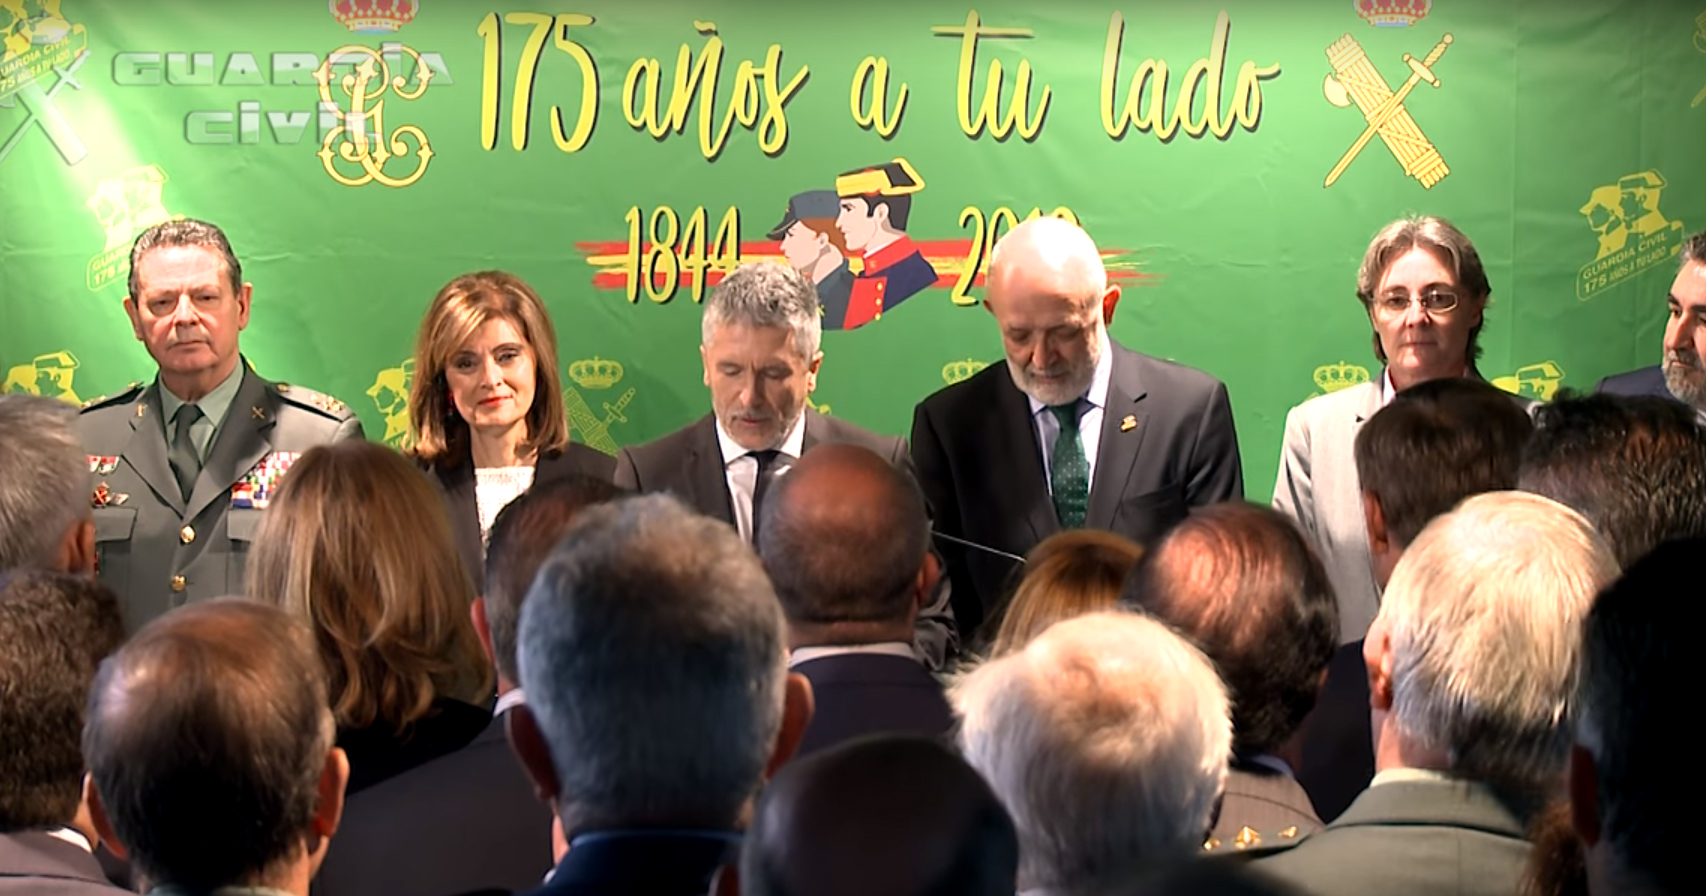 Web Oficial De La Guardia Civil